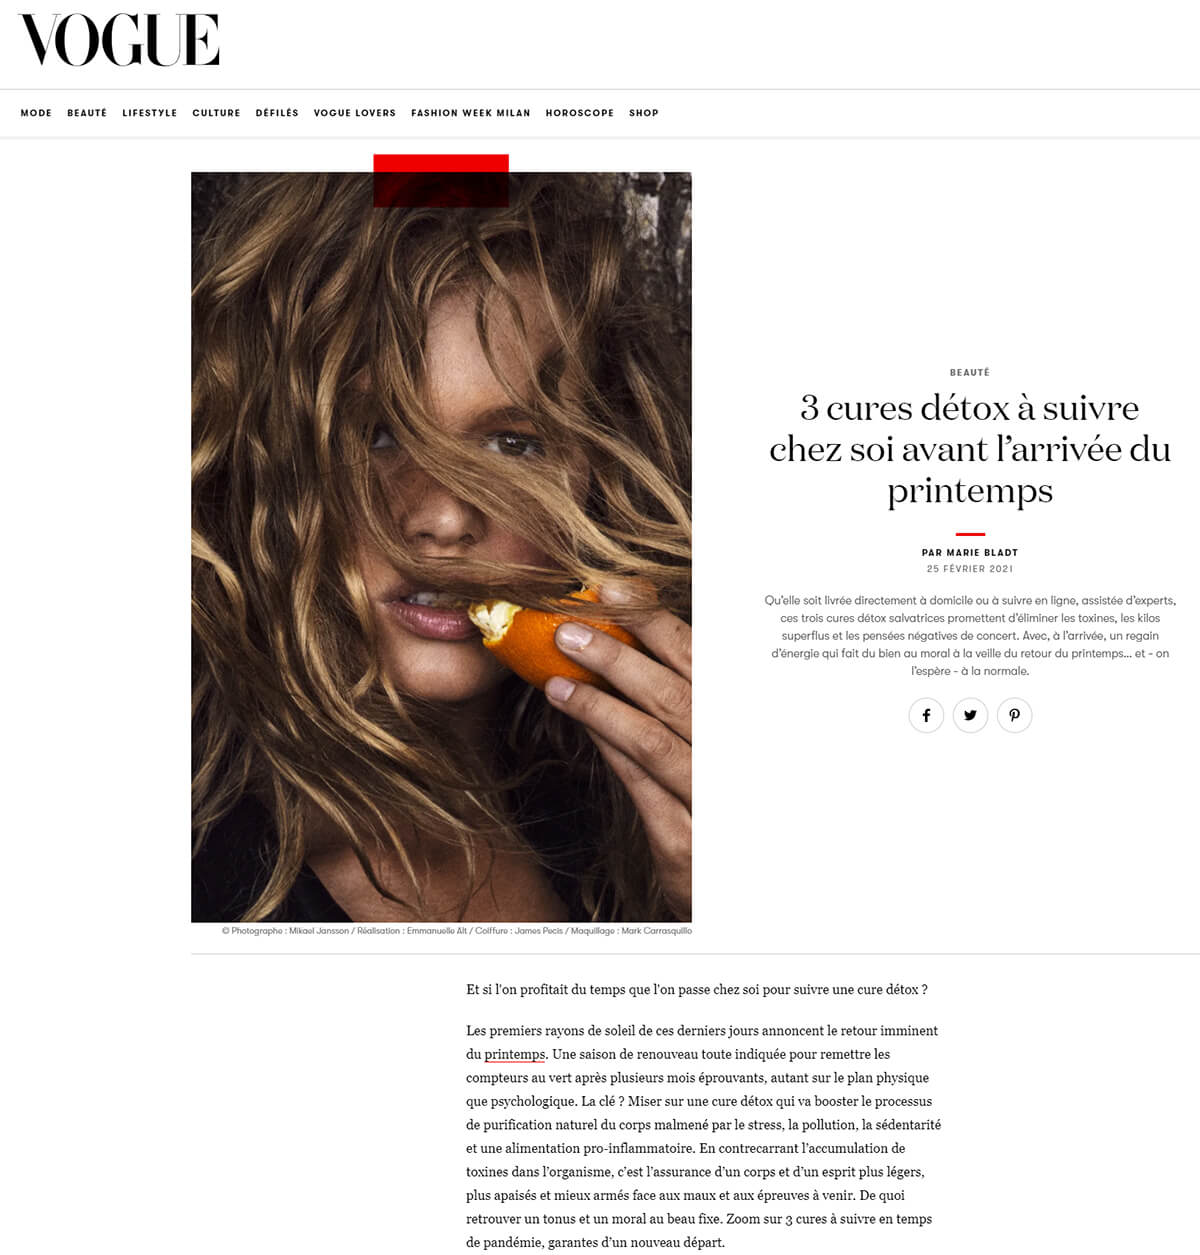 Vogue detox